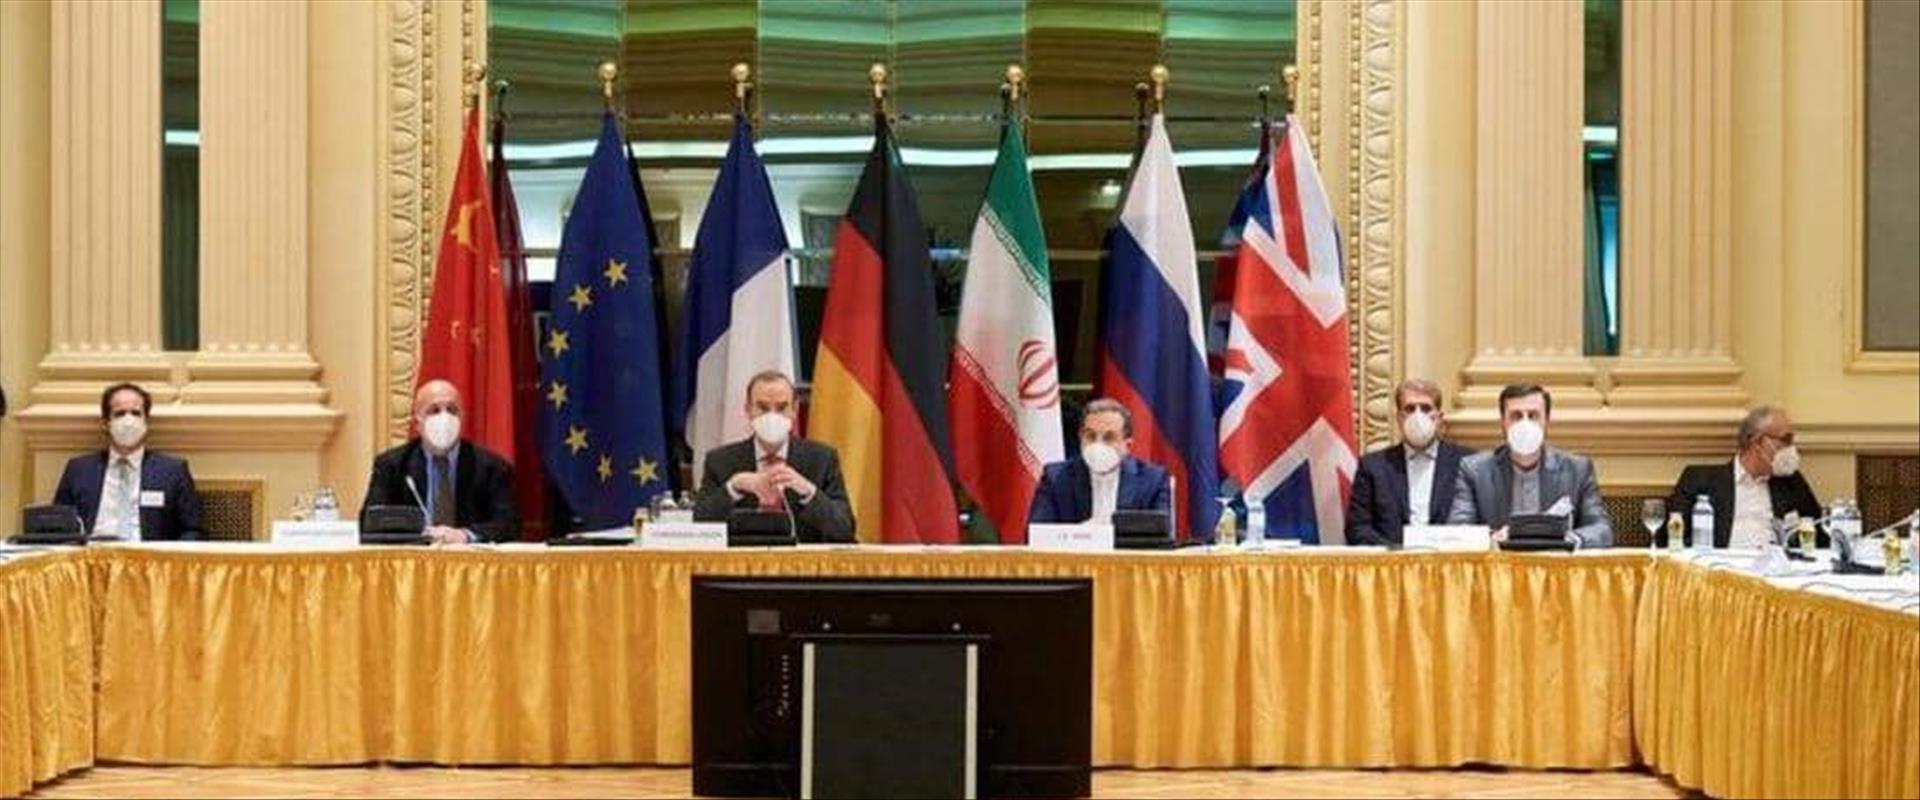 المحادثات النووية في فيينا - ارشيف